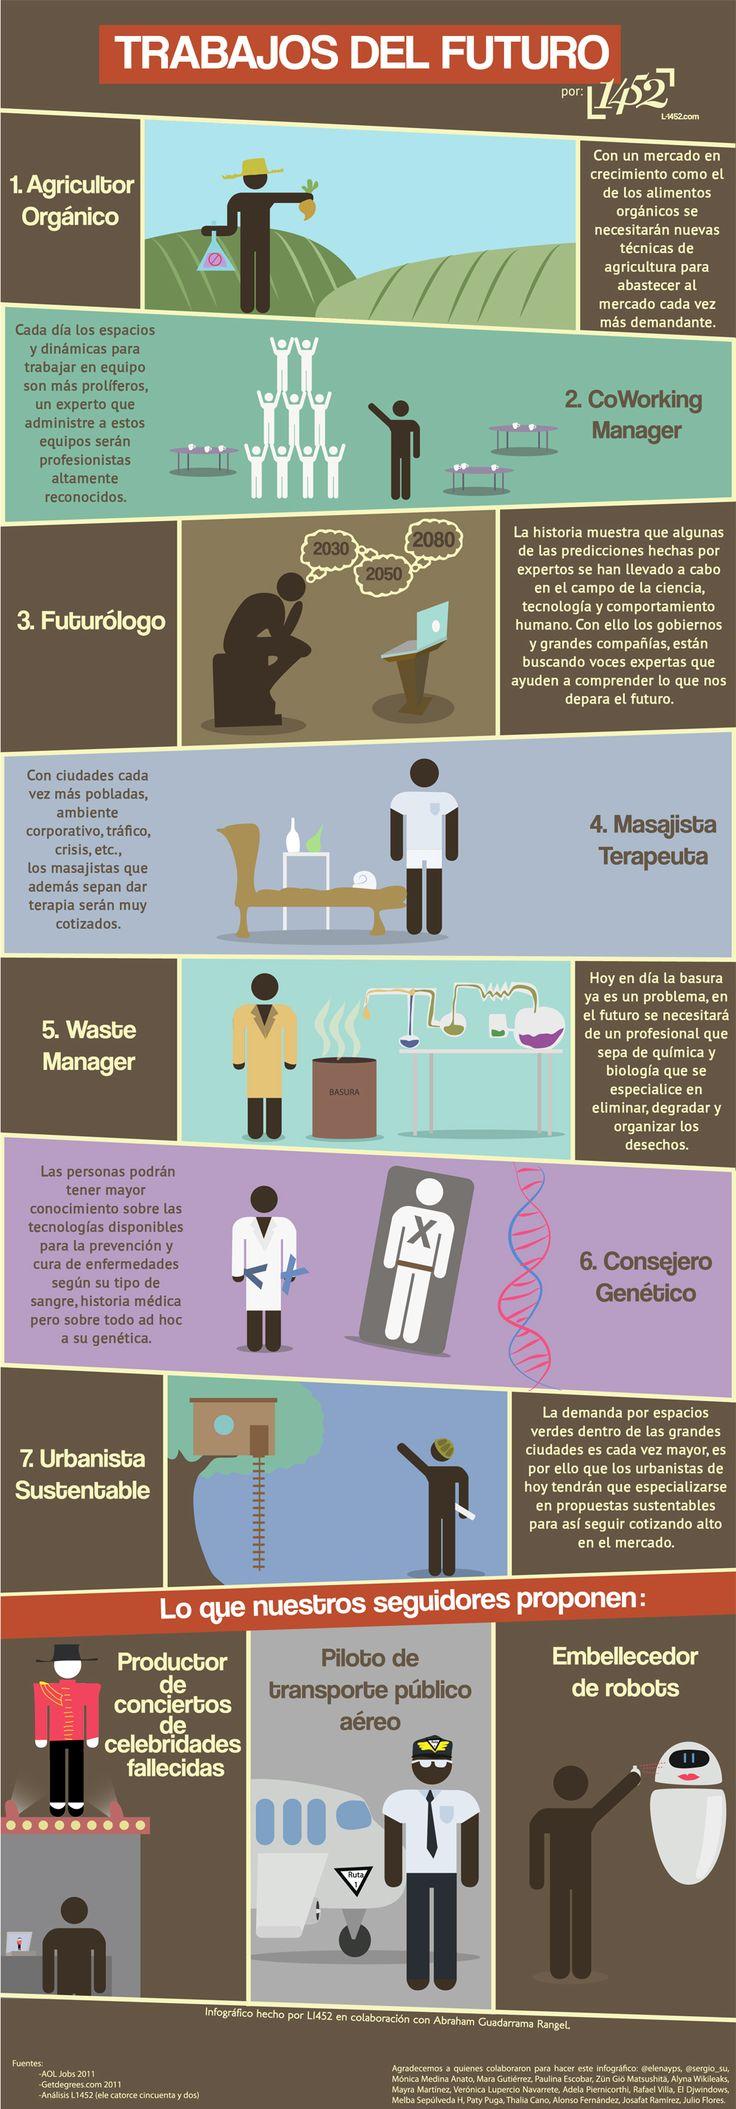 Trabajos del futuro #infografia #in